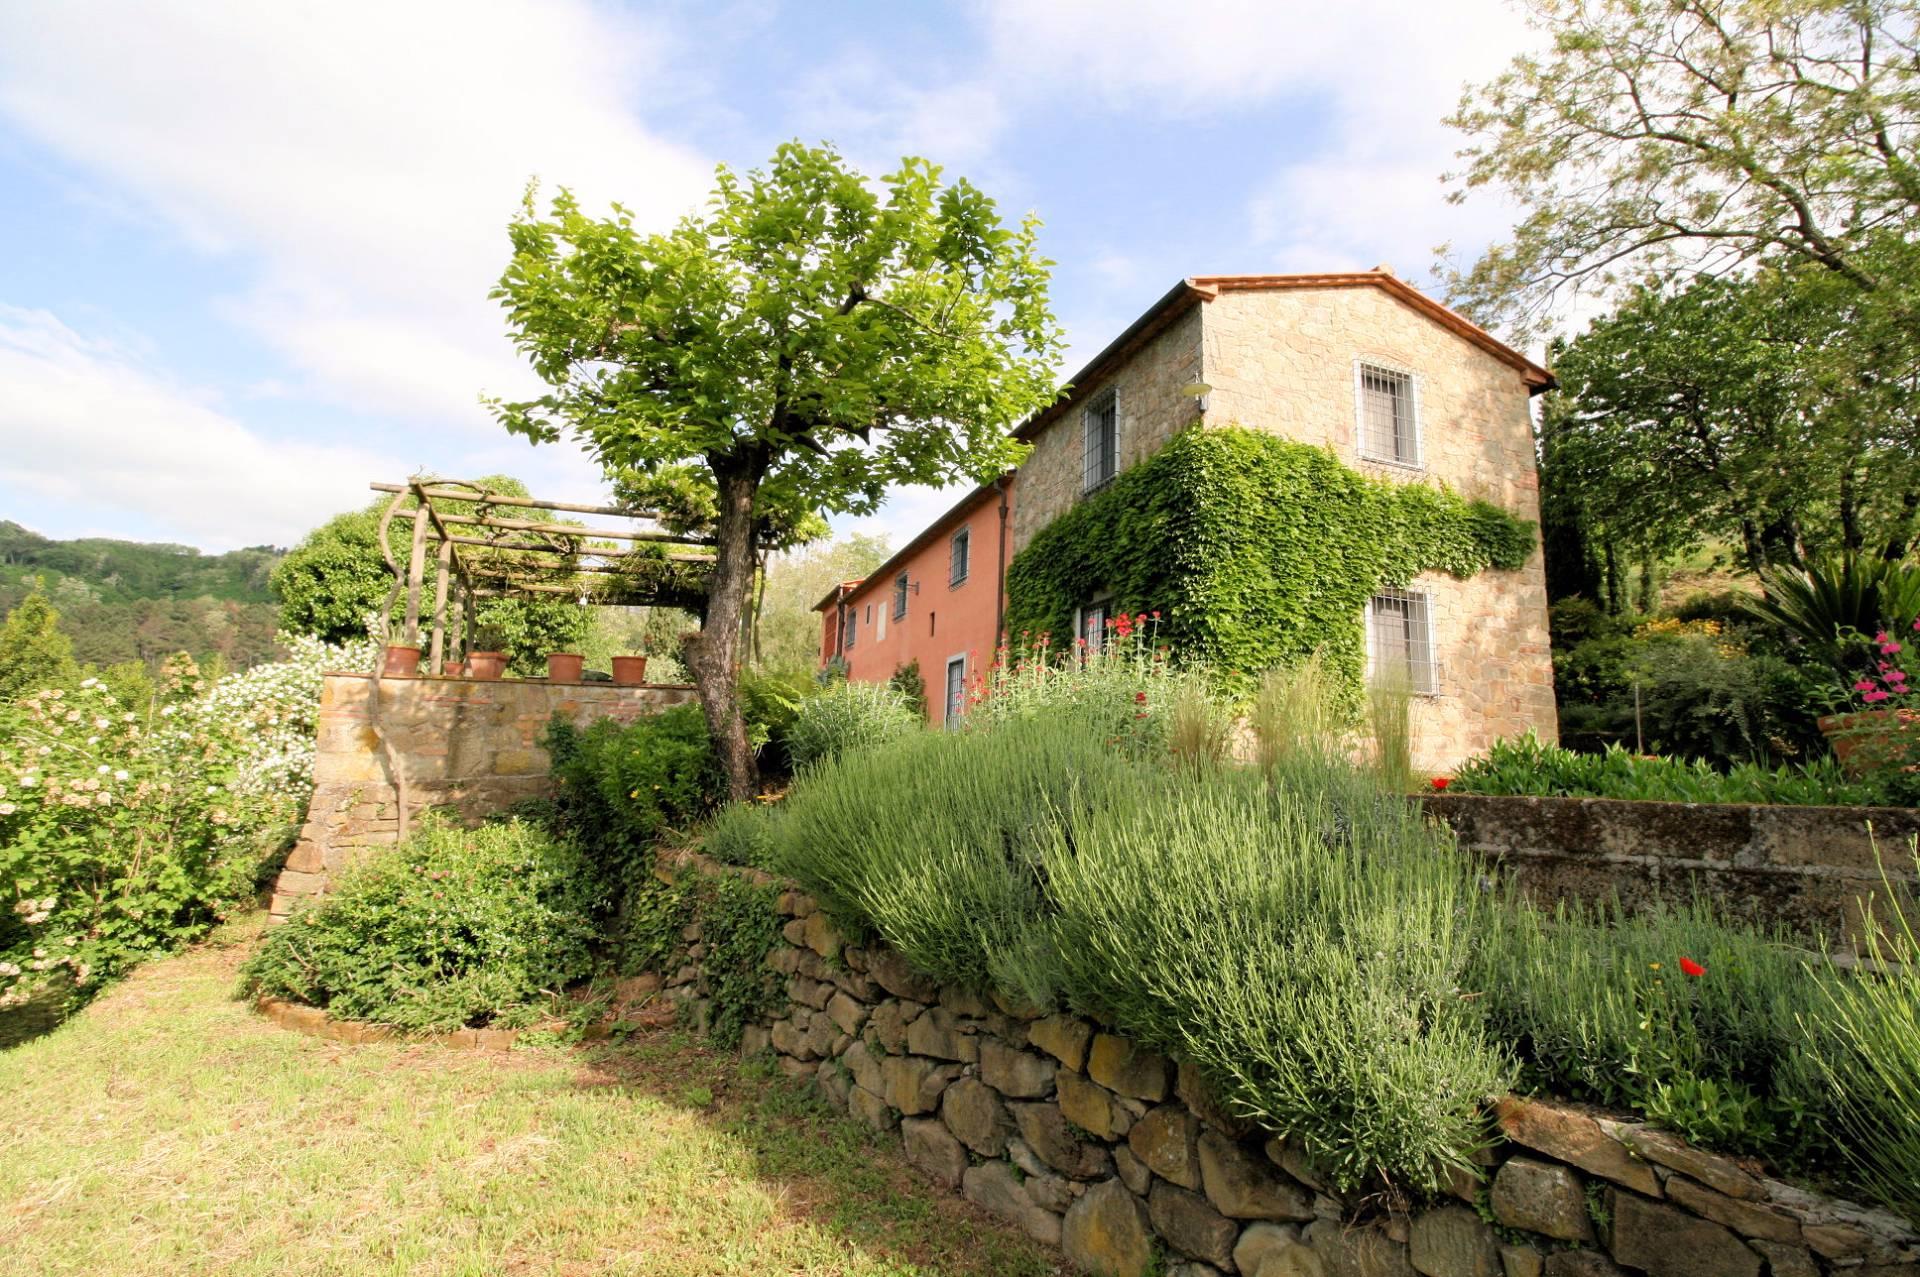 Rustico / Casale in vendita a Buggiano, 8 locali, prezzo € 790.000 | Cambio Casa.it